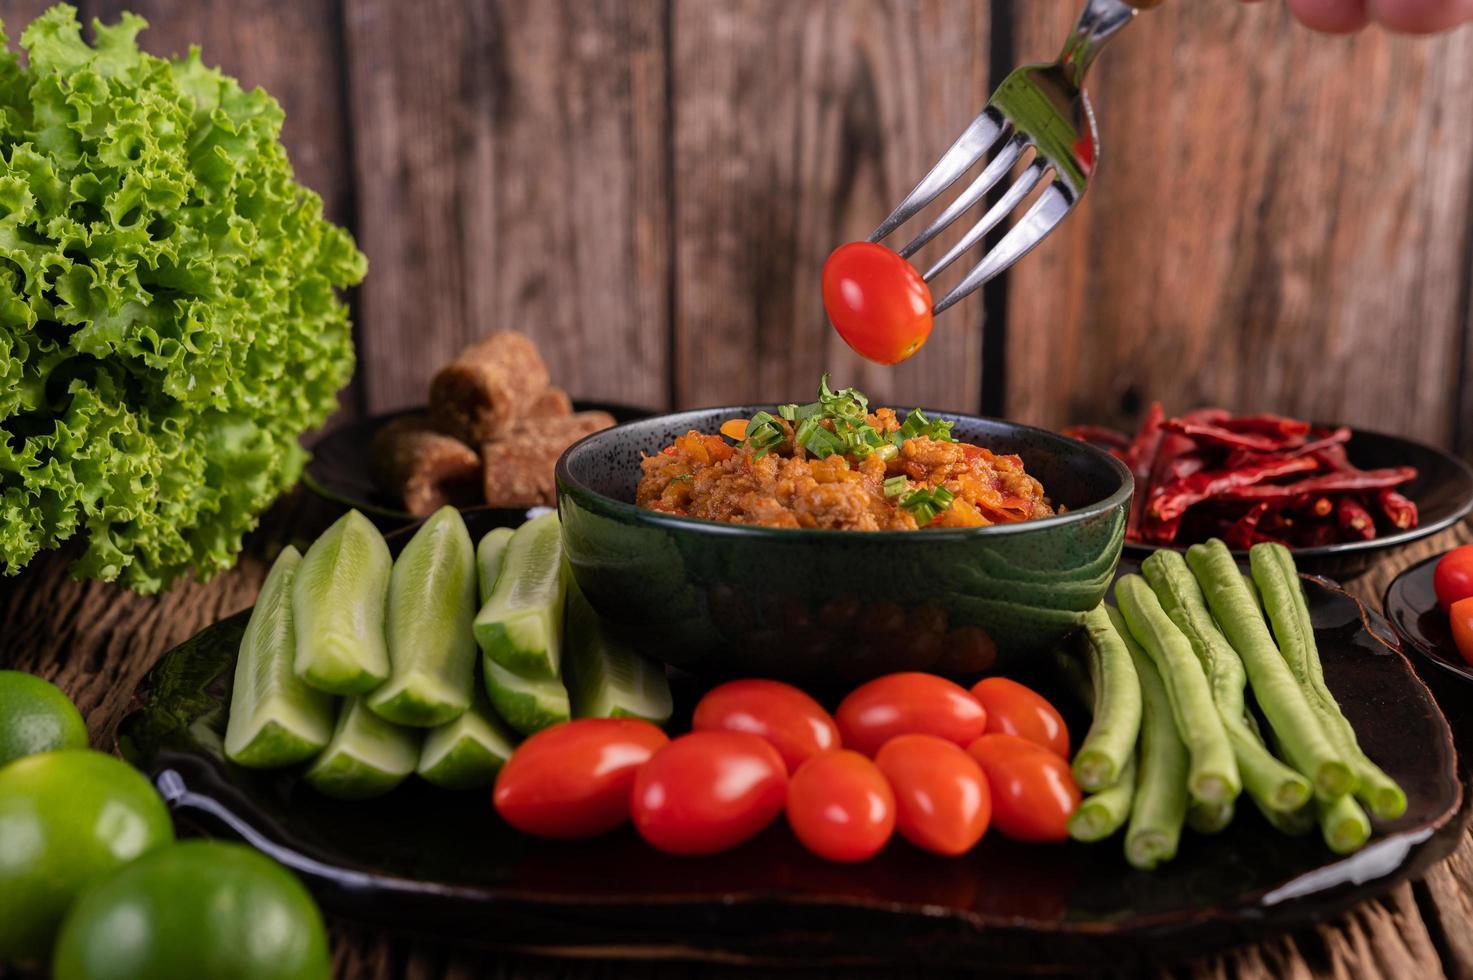 porc aux concombres, haricots longs, tomates et accompagnements photo